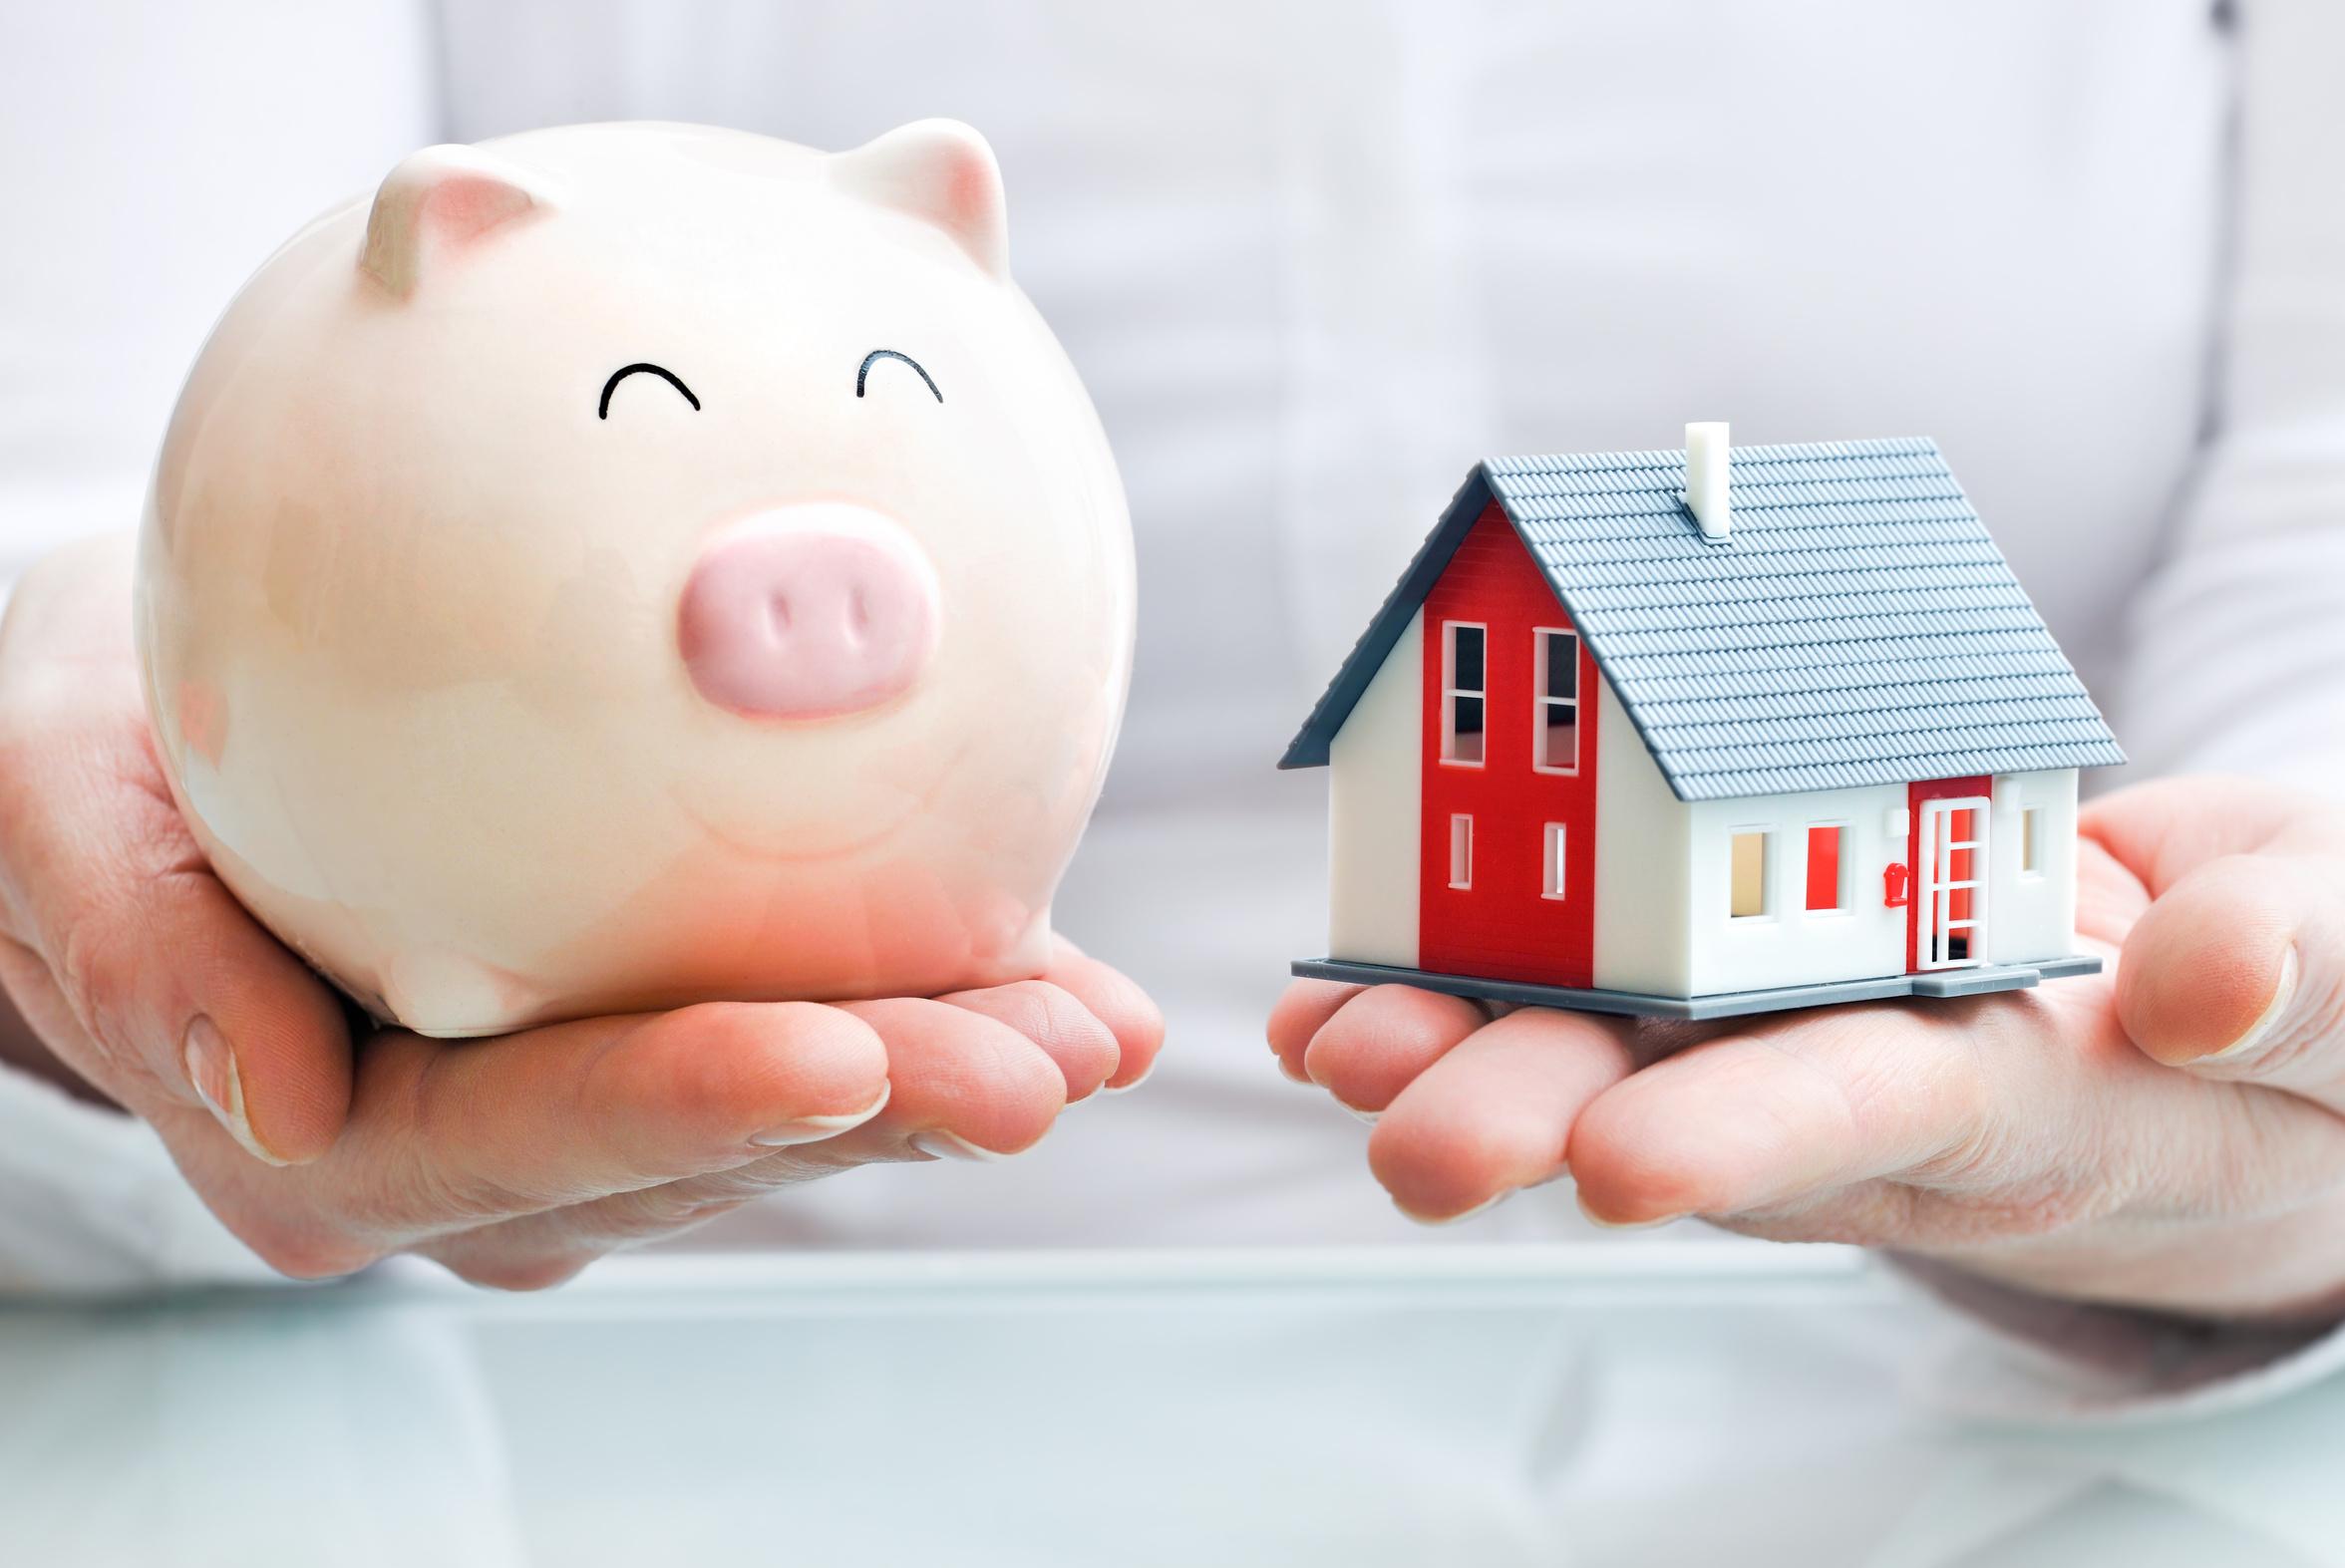 Comprare Casa: i consigli dell'esperto per acquistare il tuo primo immobile